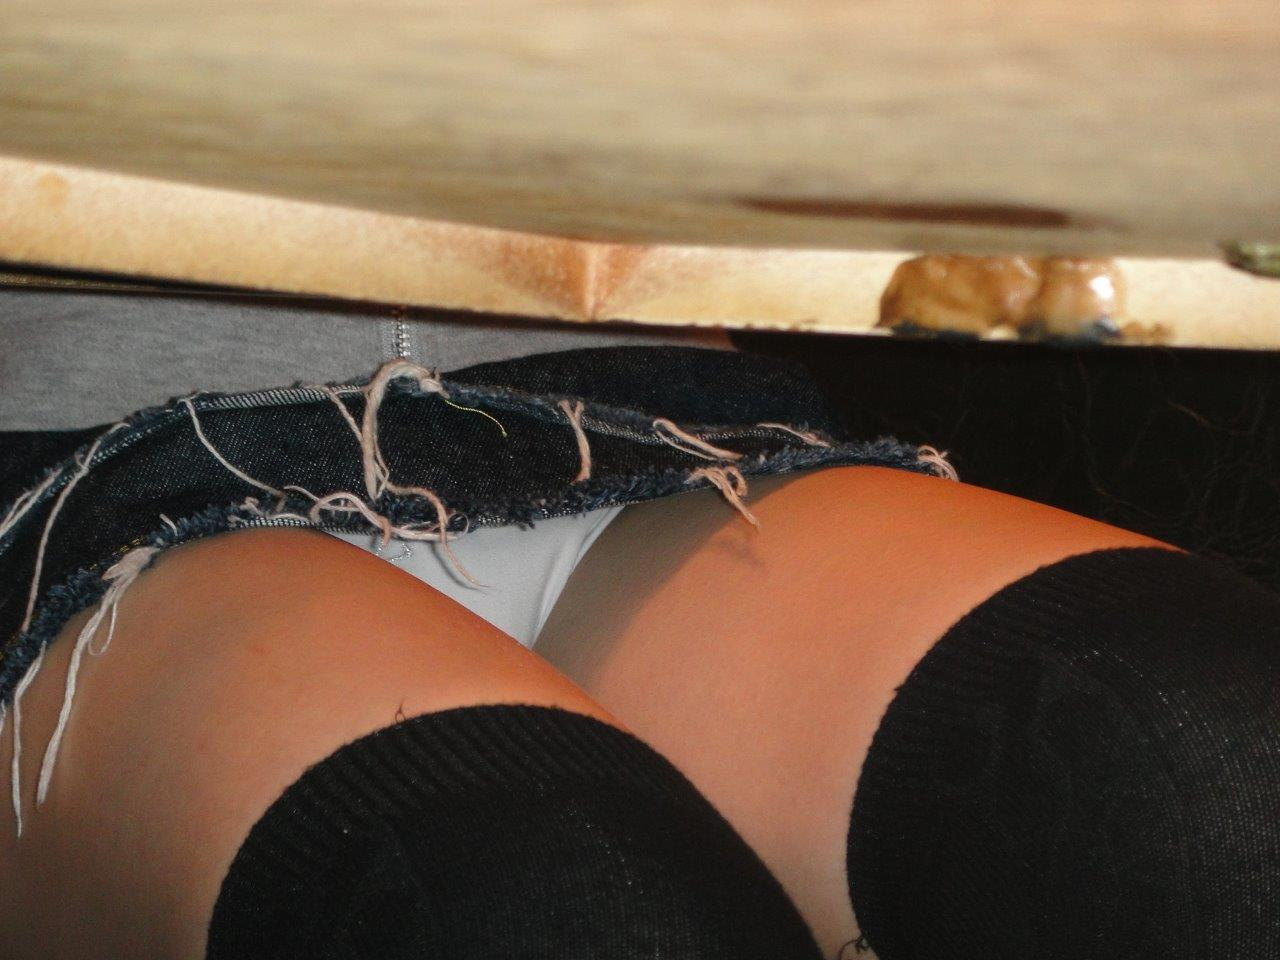 すぐに覗きたくなるえろ写真。机の下で見放題なパンツ丸見え写真